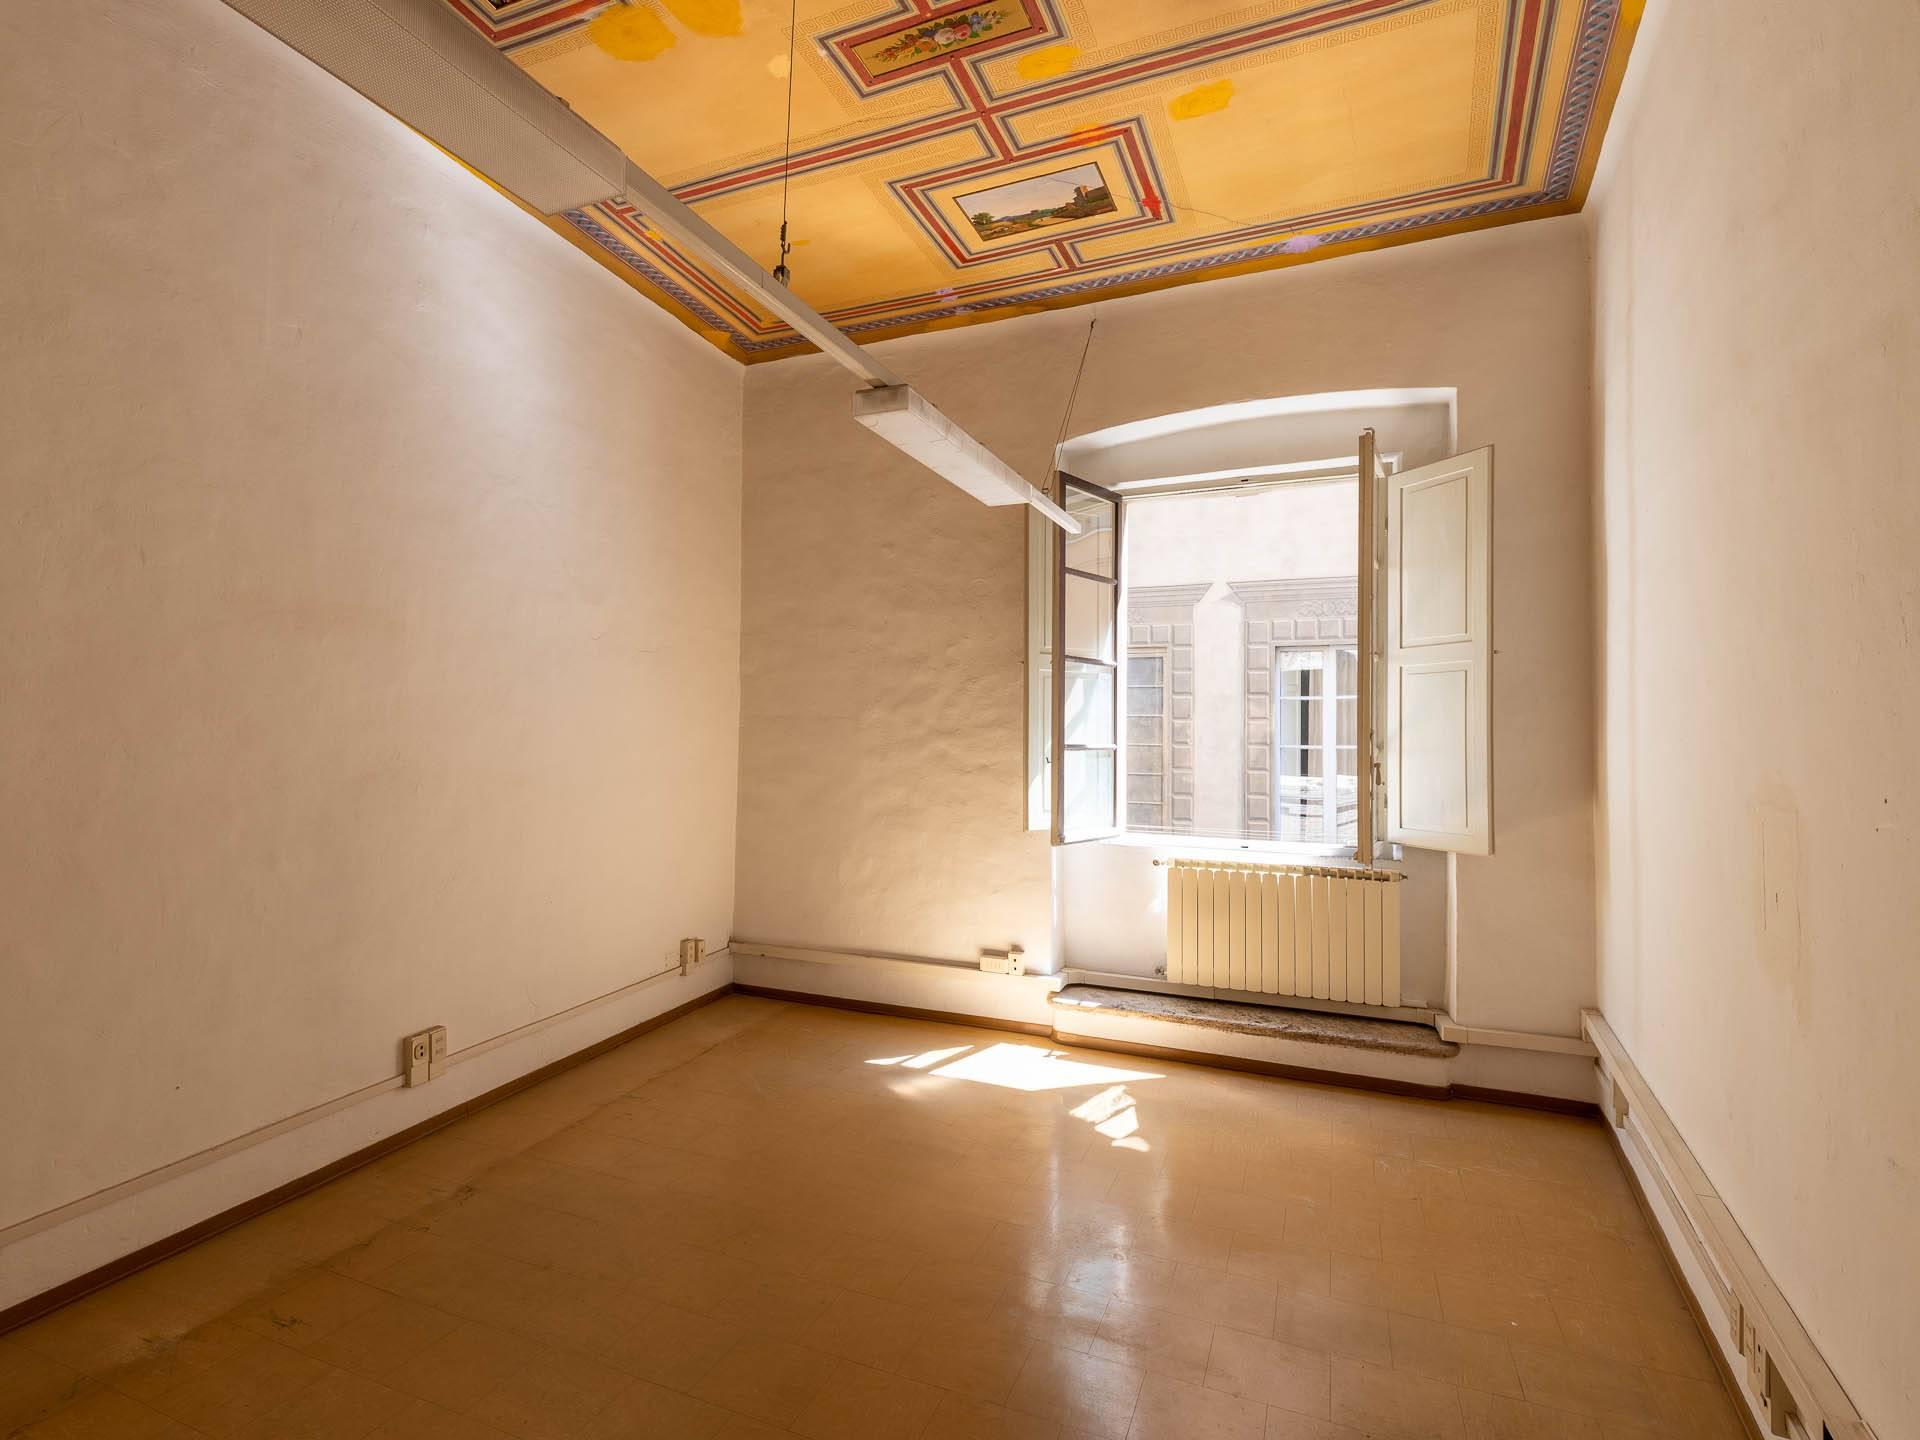 vano con soffitto decorato2